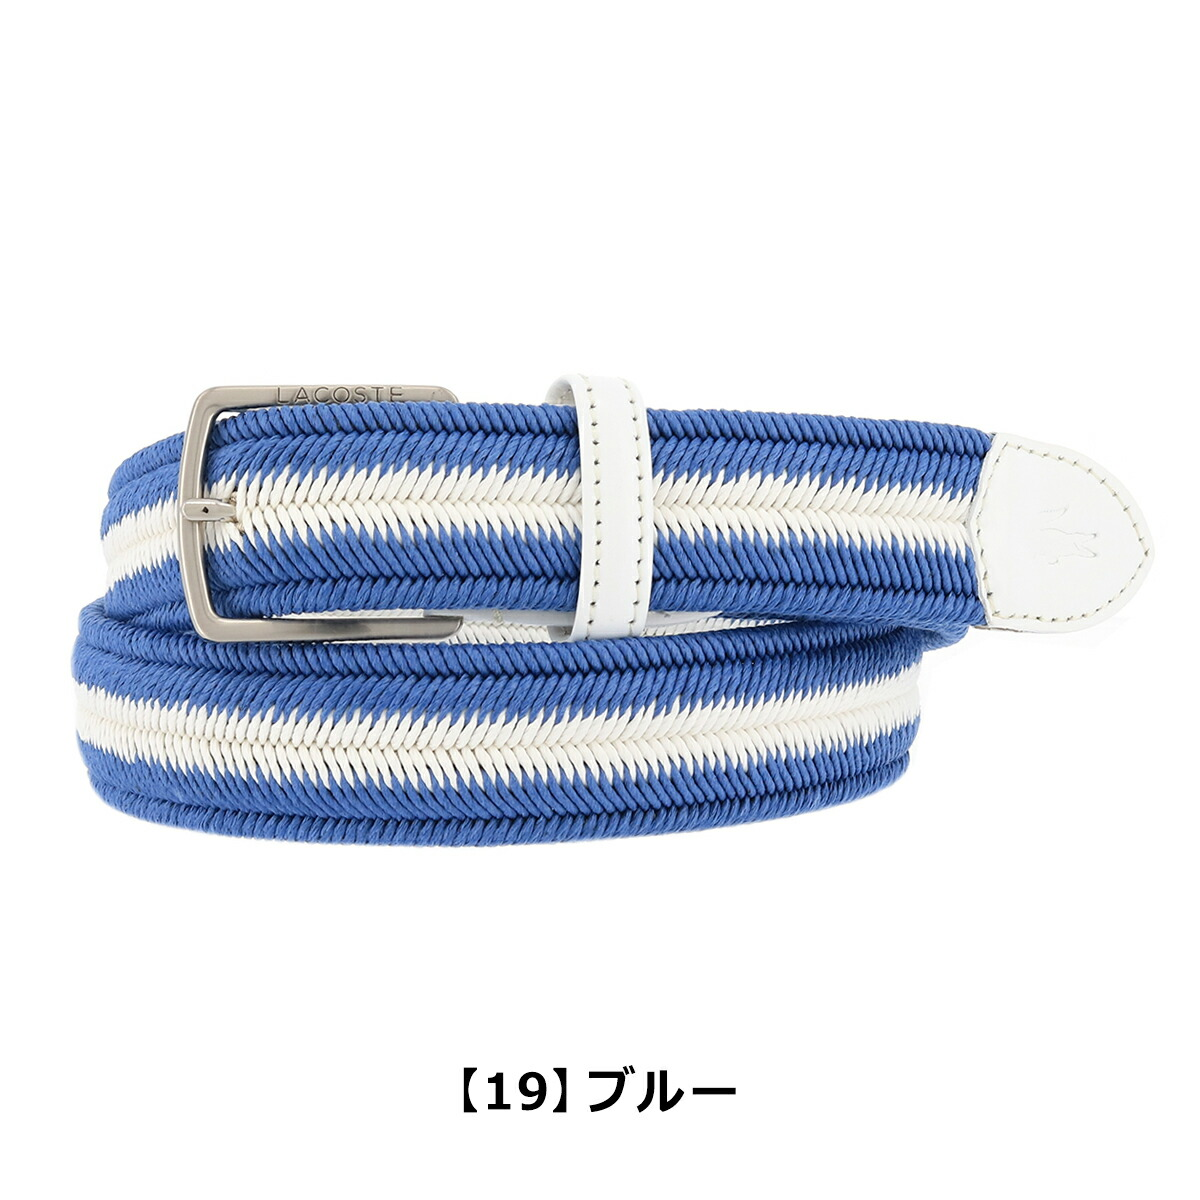 【19】ブルー